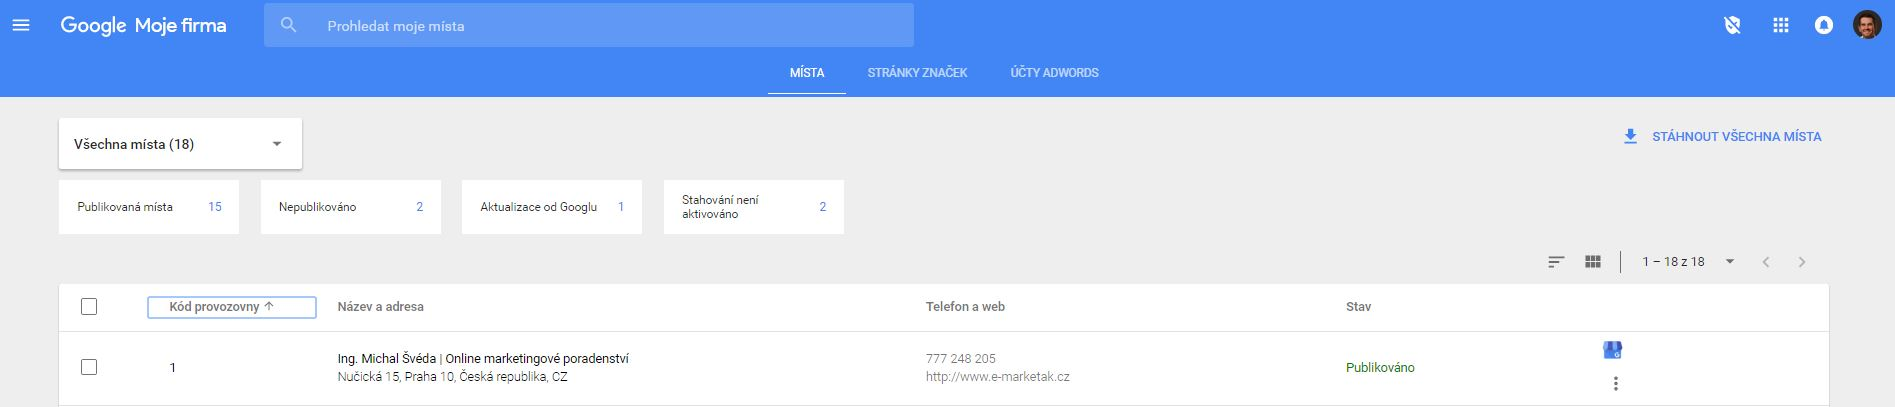 Jak udělit práva pro Google stránku v Google Moje firma?